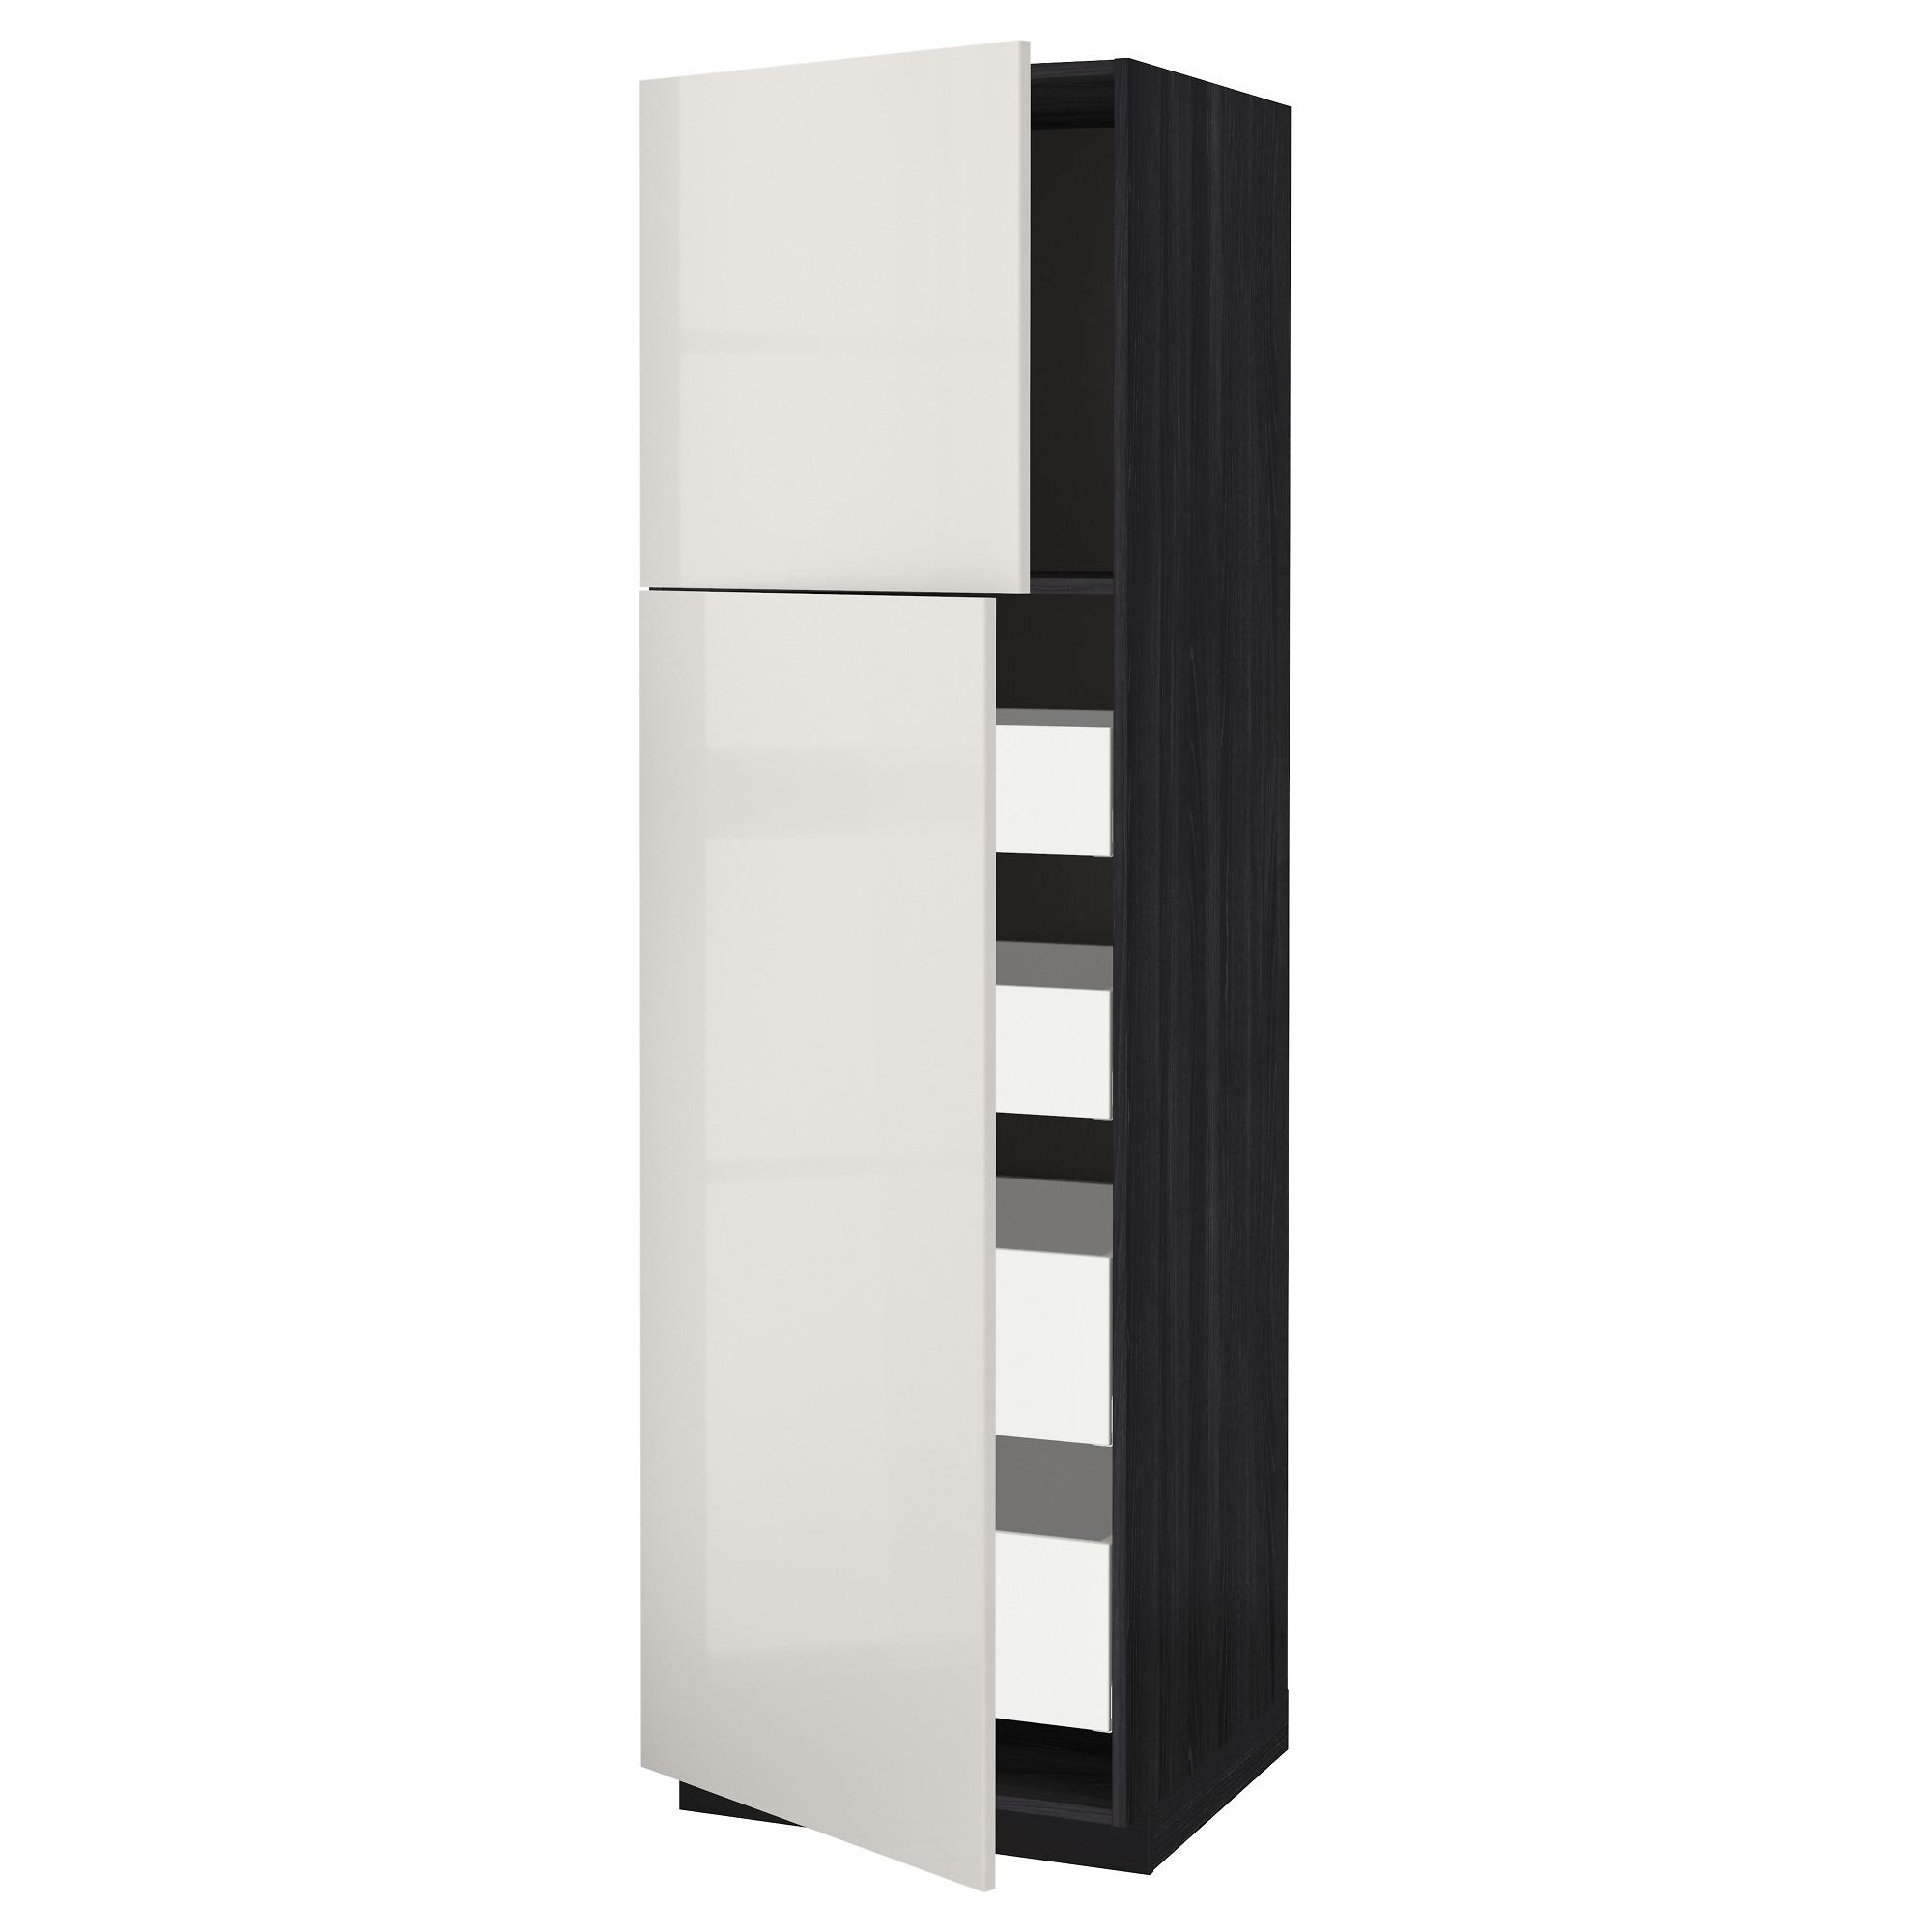 Высокий шкаф/2дверцы/4ящика МЕТОД / МАКСИМЕРА черный артикуль № 892.368.77 в наличии. Интернет сайт IKEA Республика Беларусь. Быстрая доставка и установка.